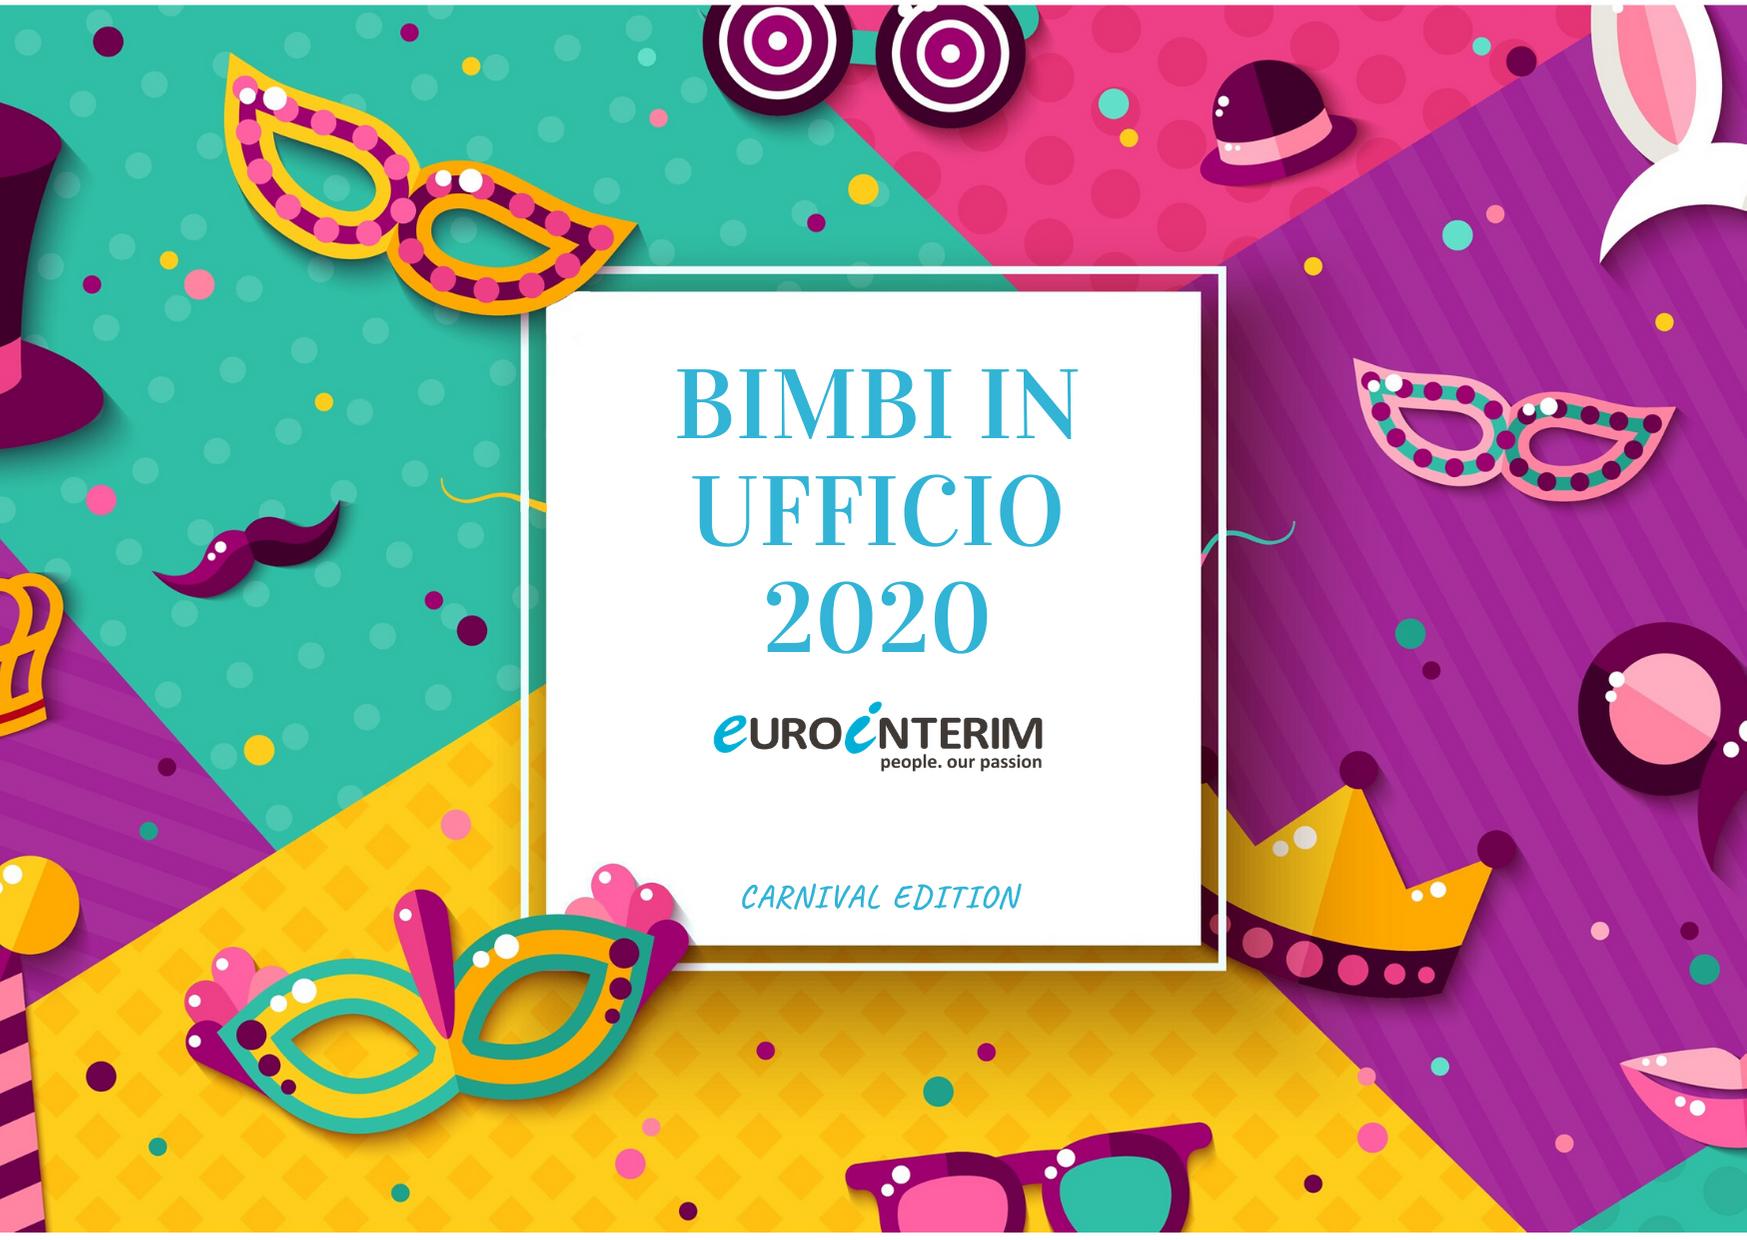 Bimbi in Ufficio Eurointerim 2020